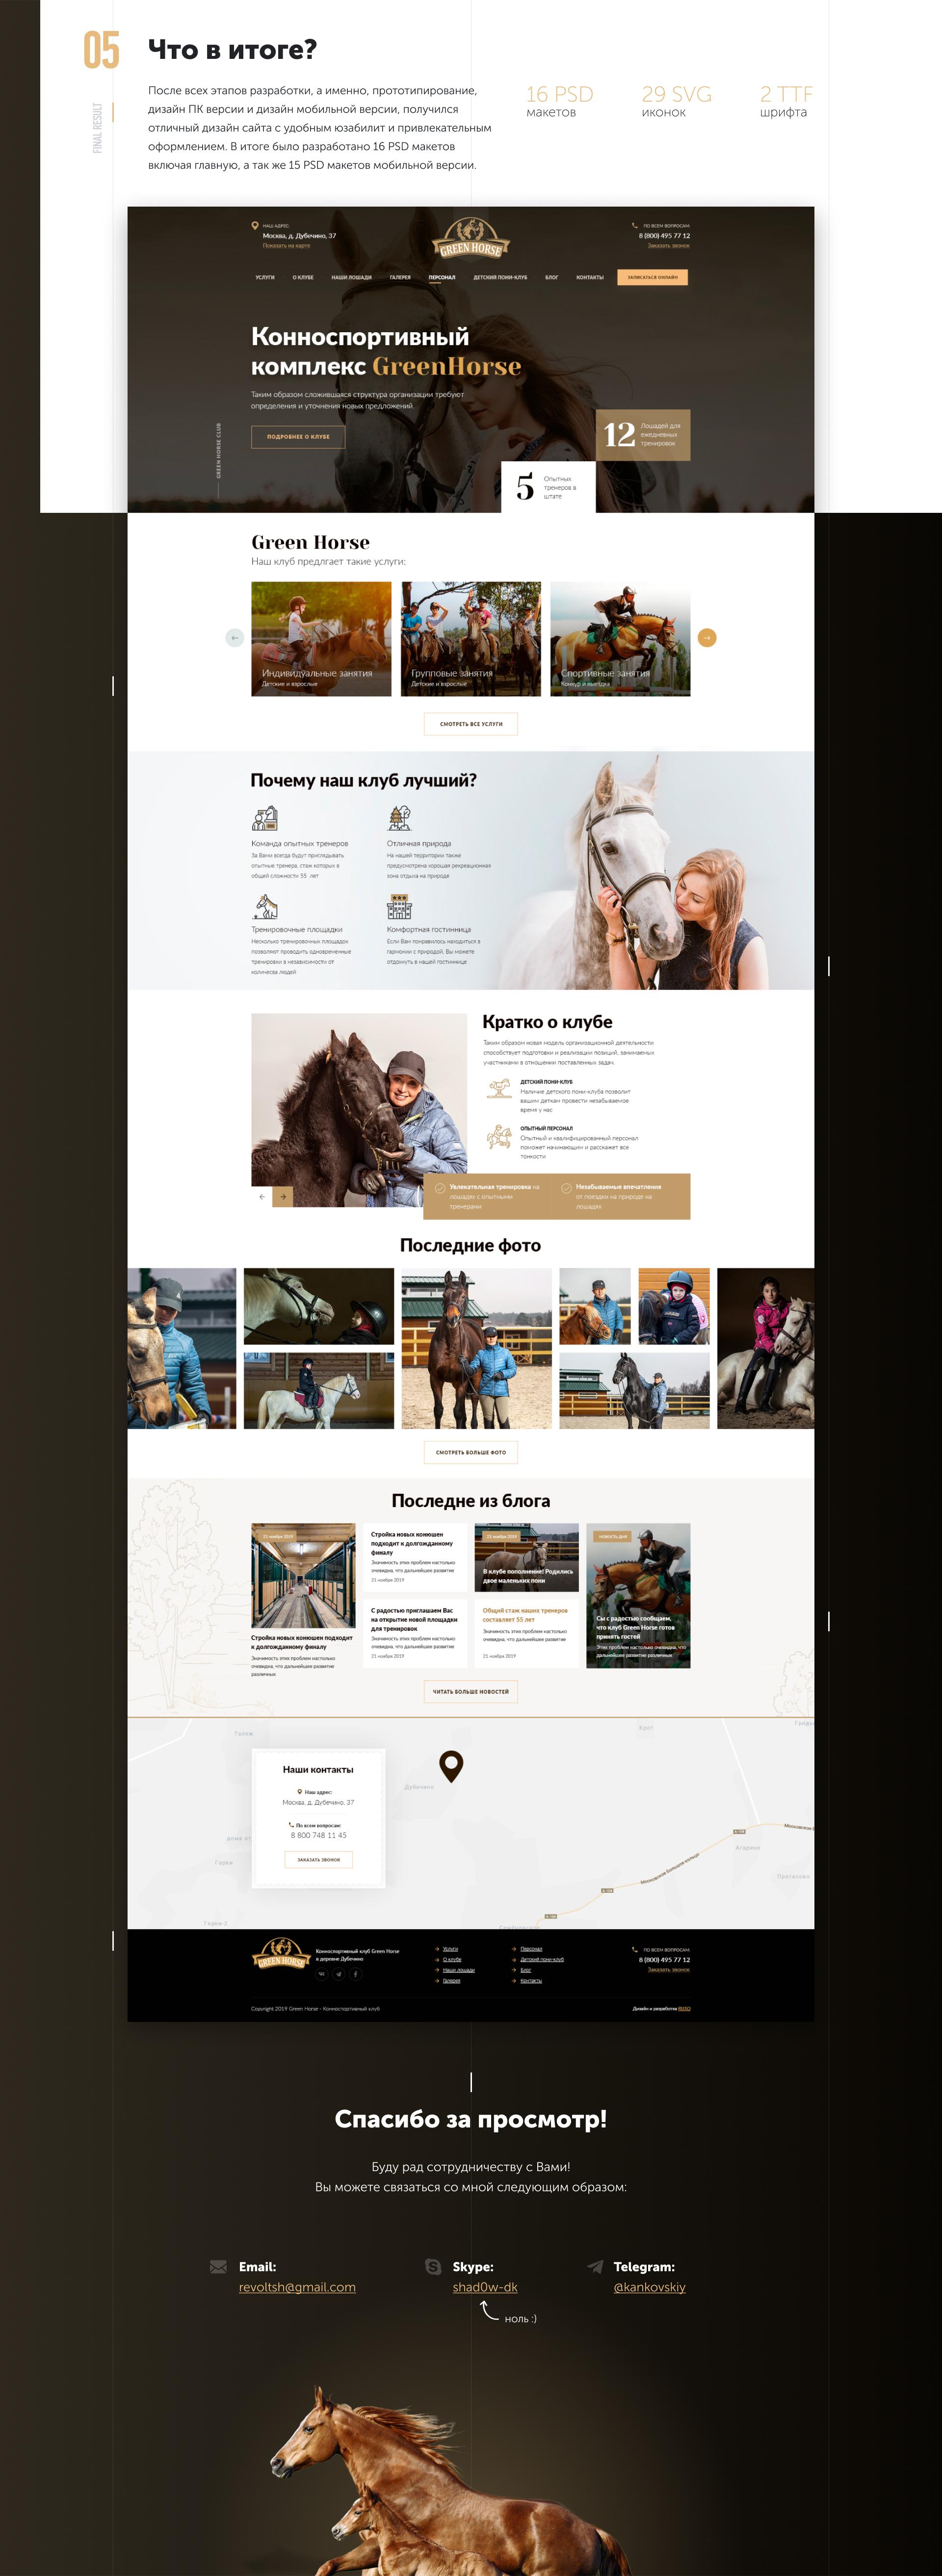 Дизайн для сайта конно-спортивного комплекса GreenHorse